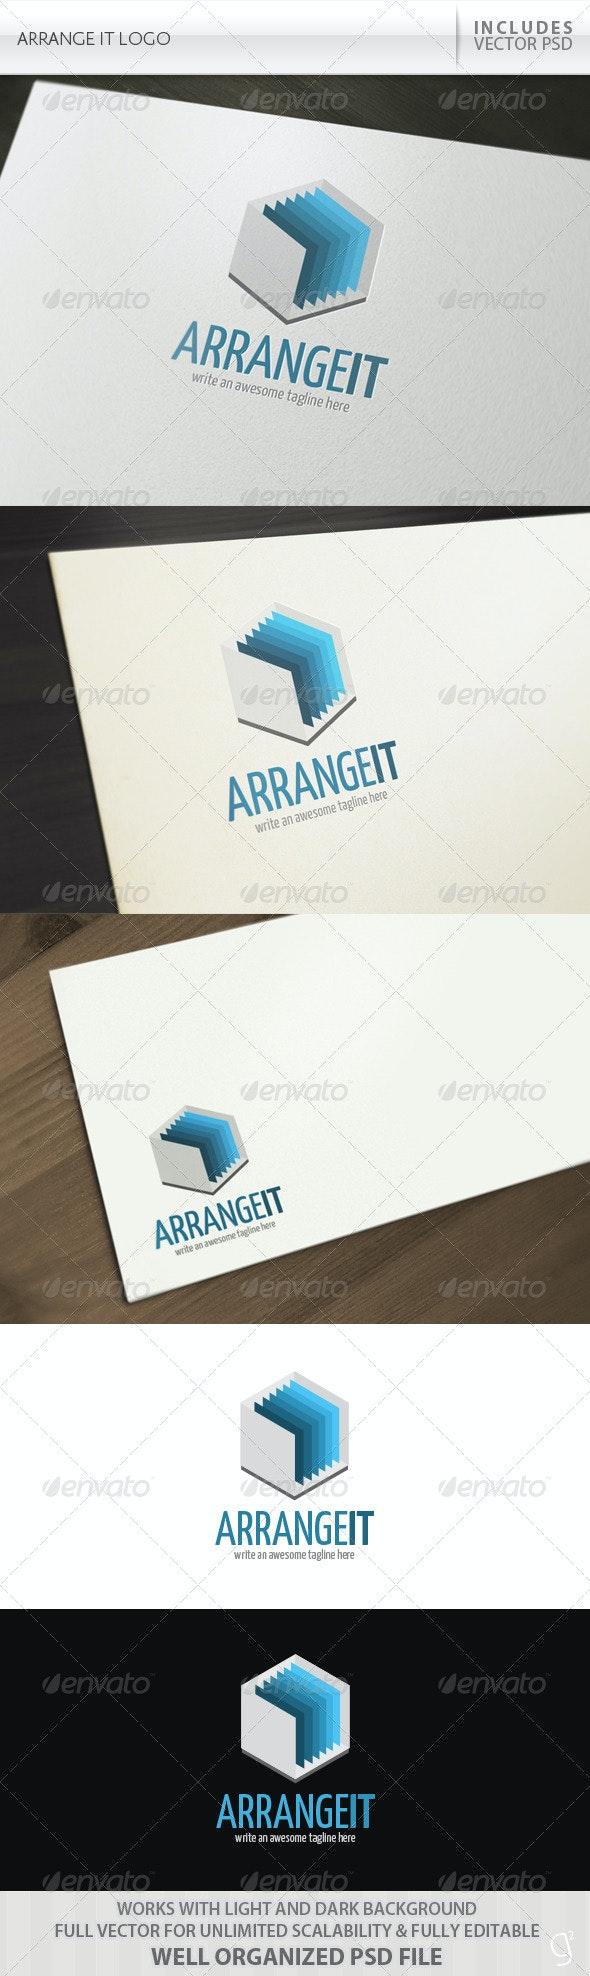 Arrange It Logo - Objects Logo Templates